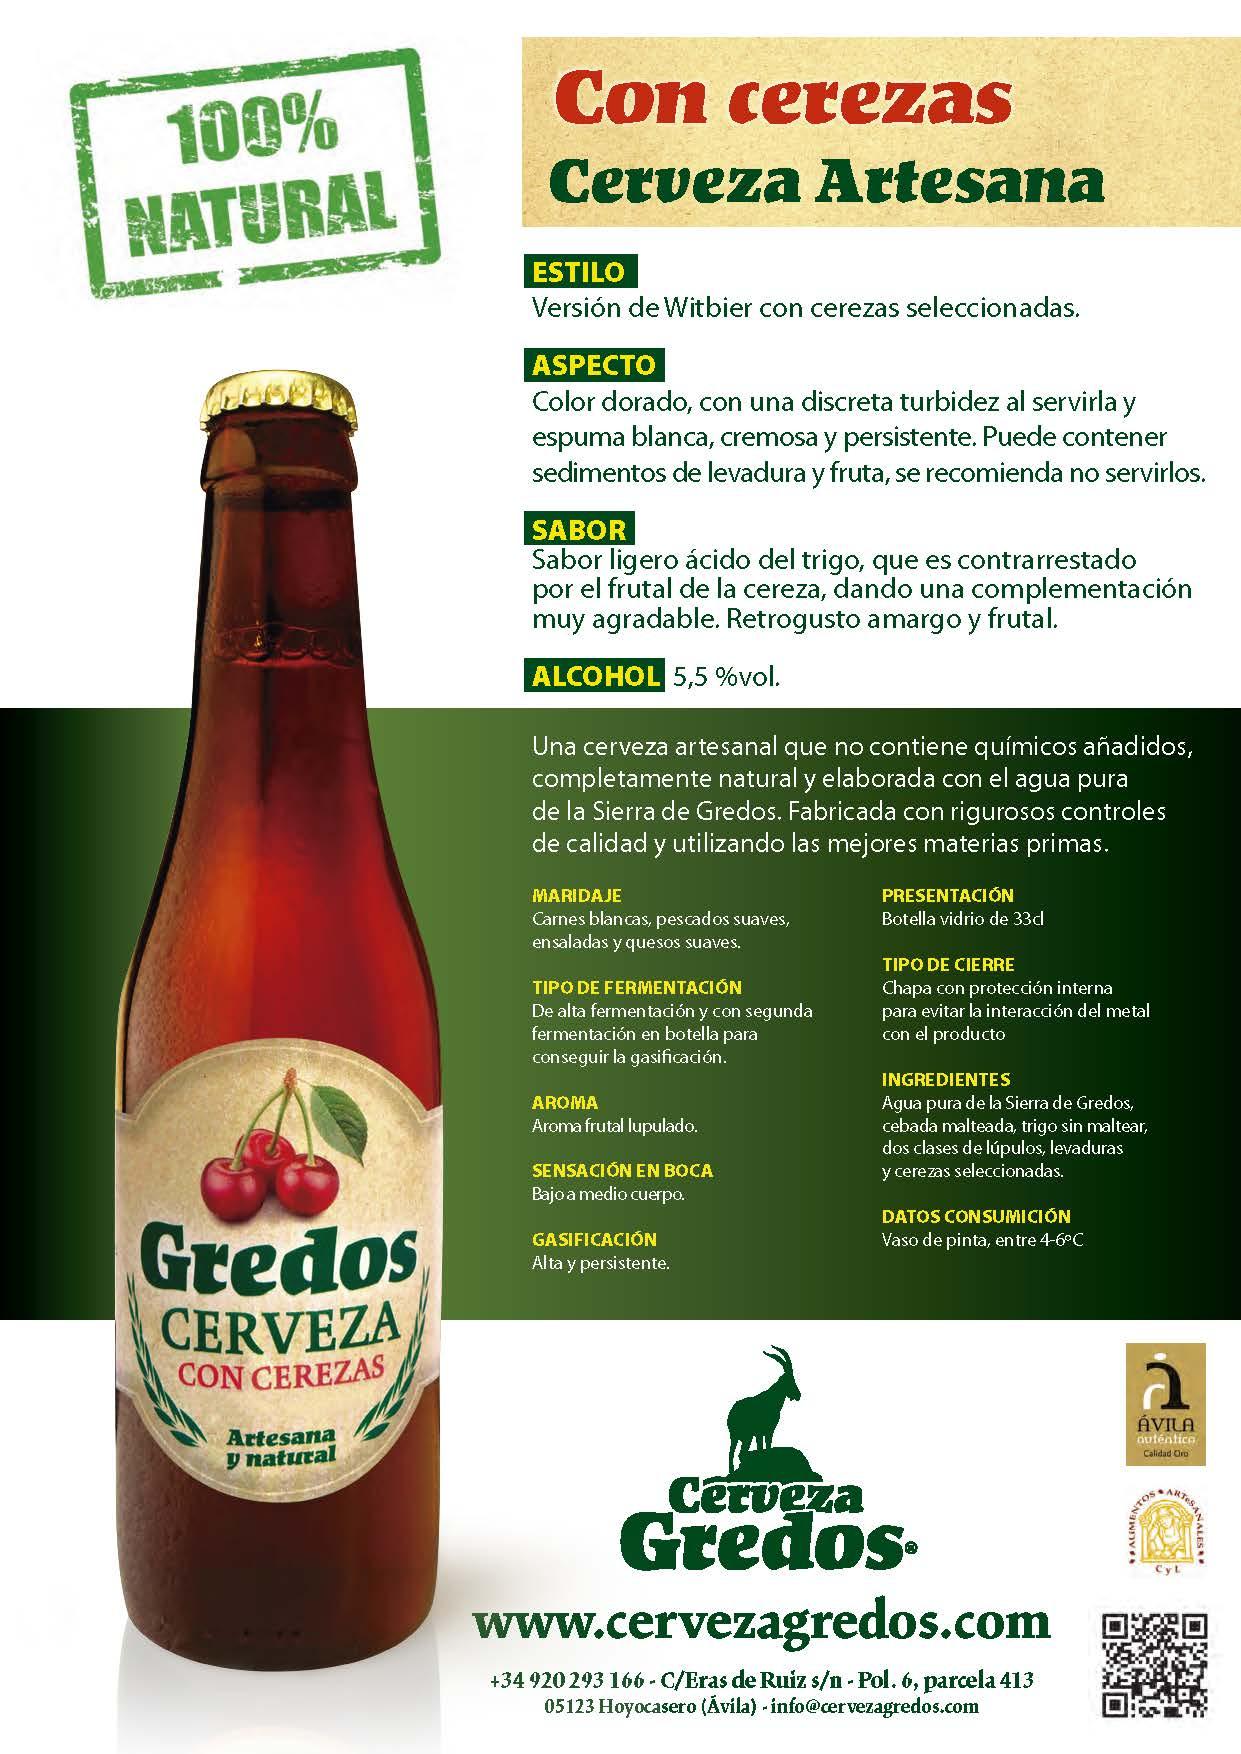 Cerveza artesana gredos cerezas